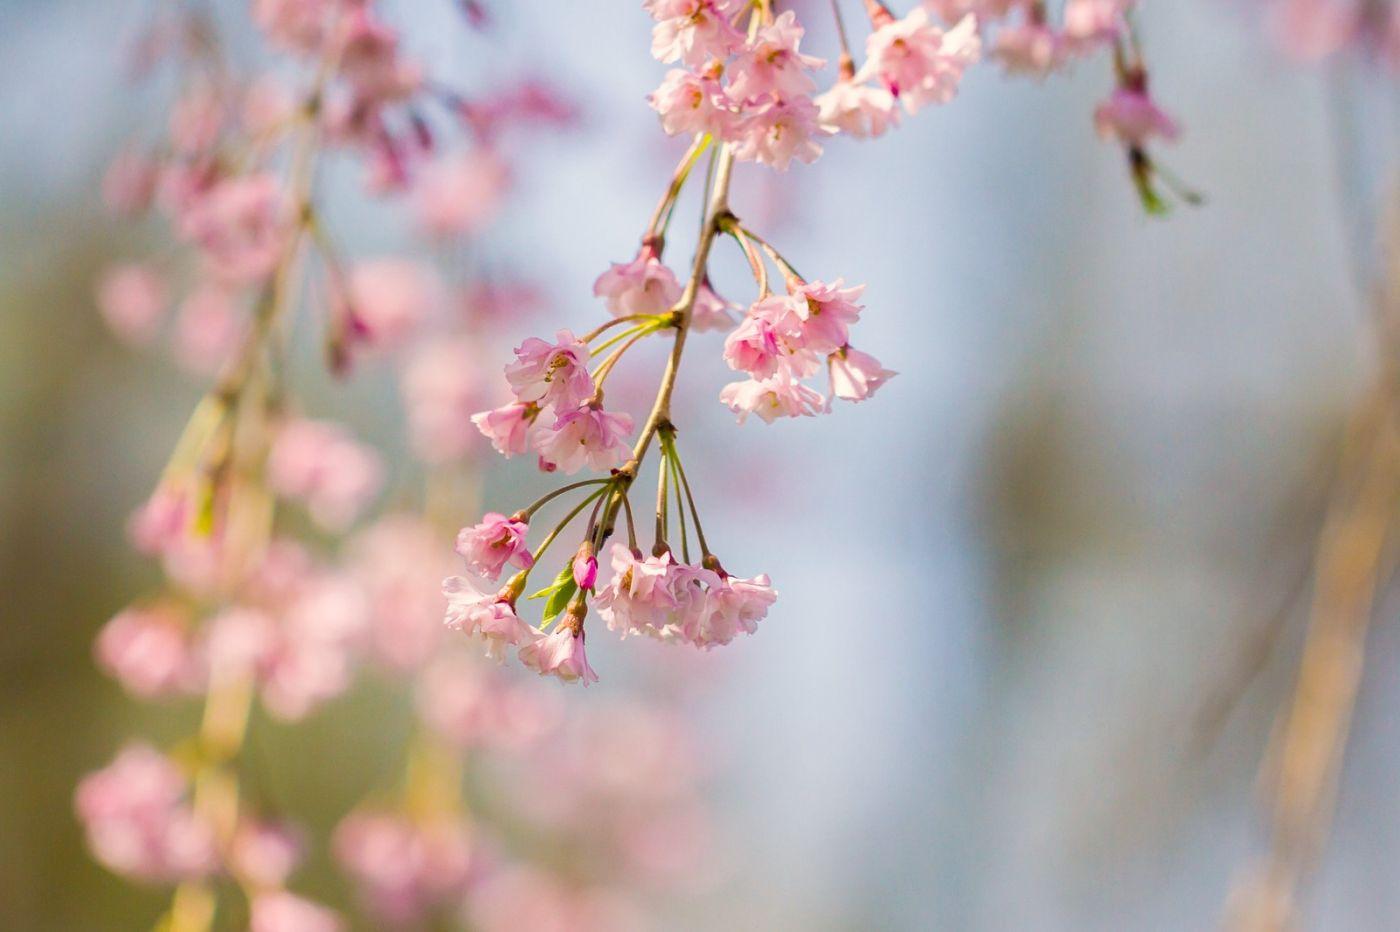 粉红的水嫩的,好看极了_图1-36